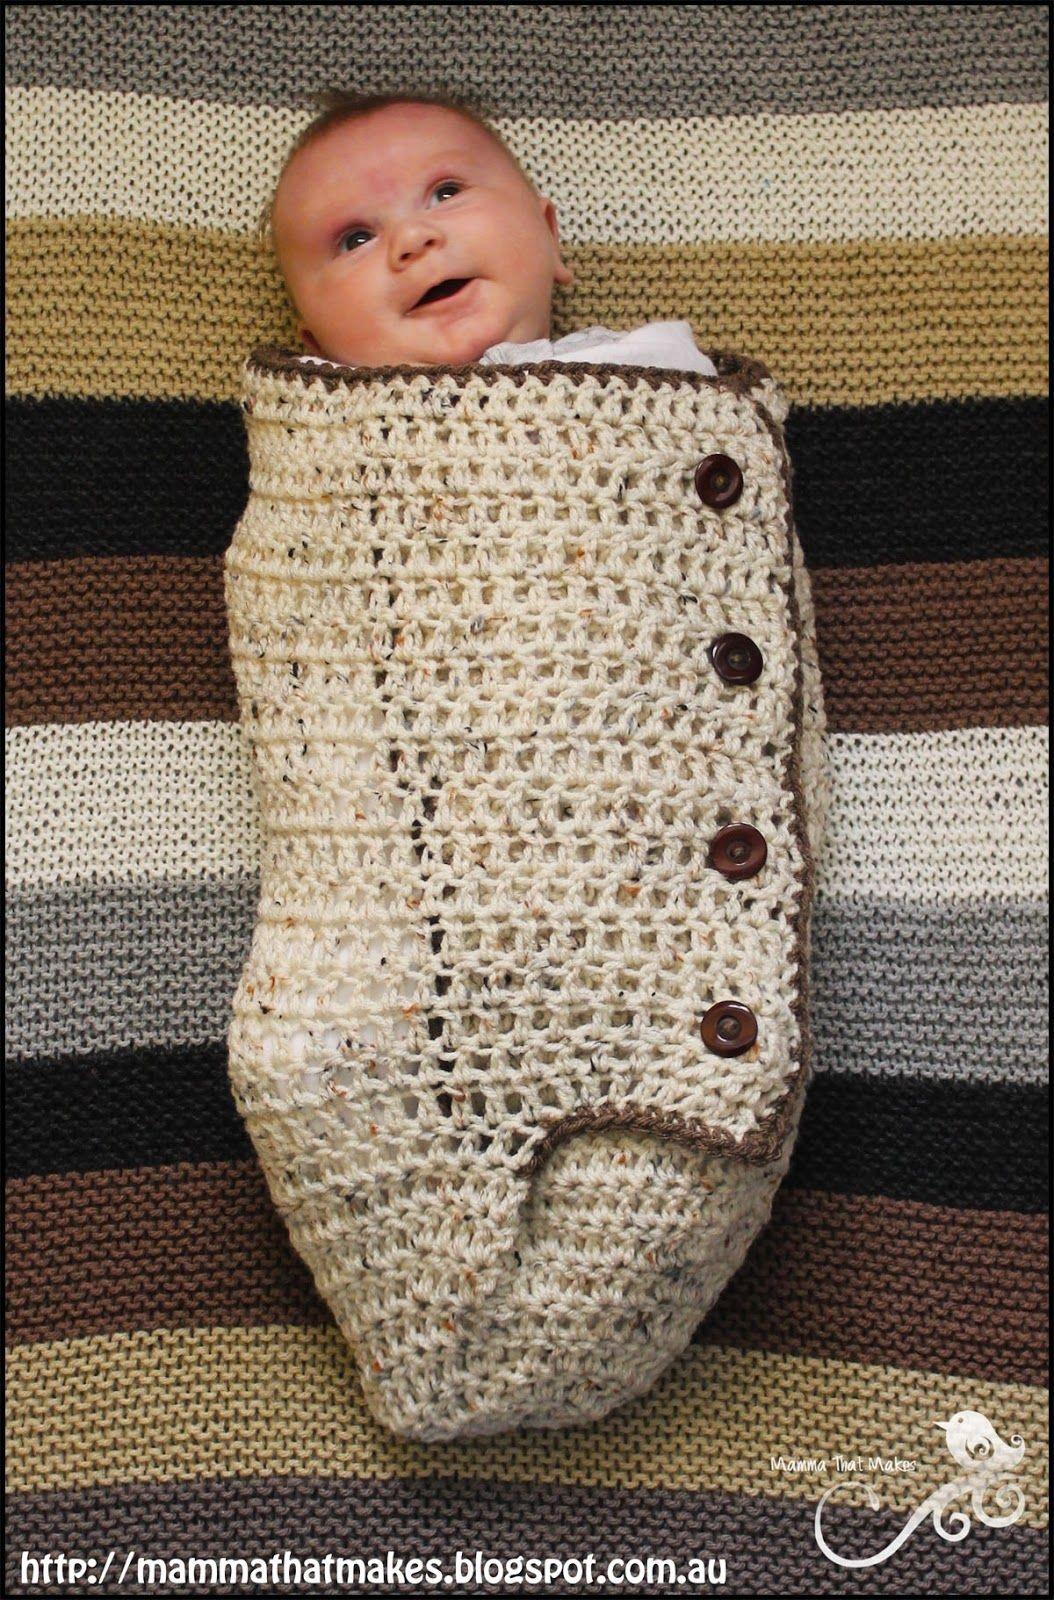 15 Gorgeous Baby Cocoon Patterns | Crochet | Newborn Crochet - Free Printable Crochet Patterns For Baby Cocoons